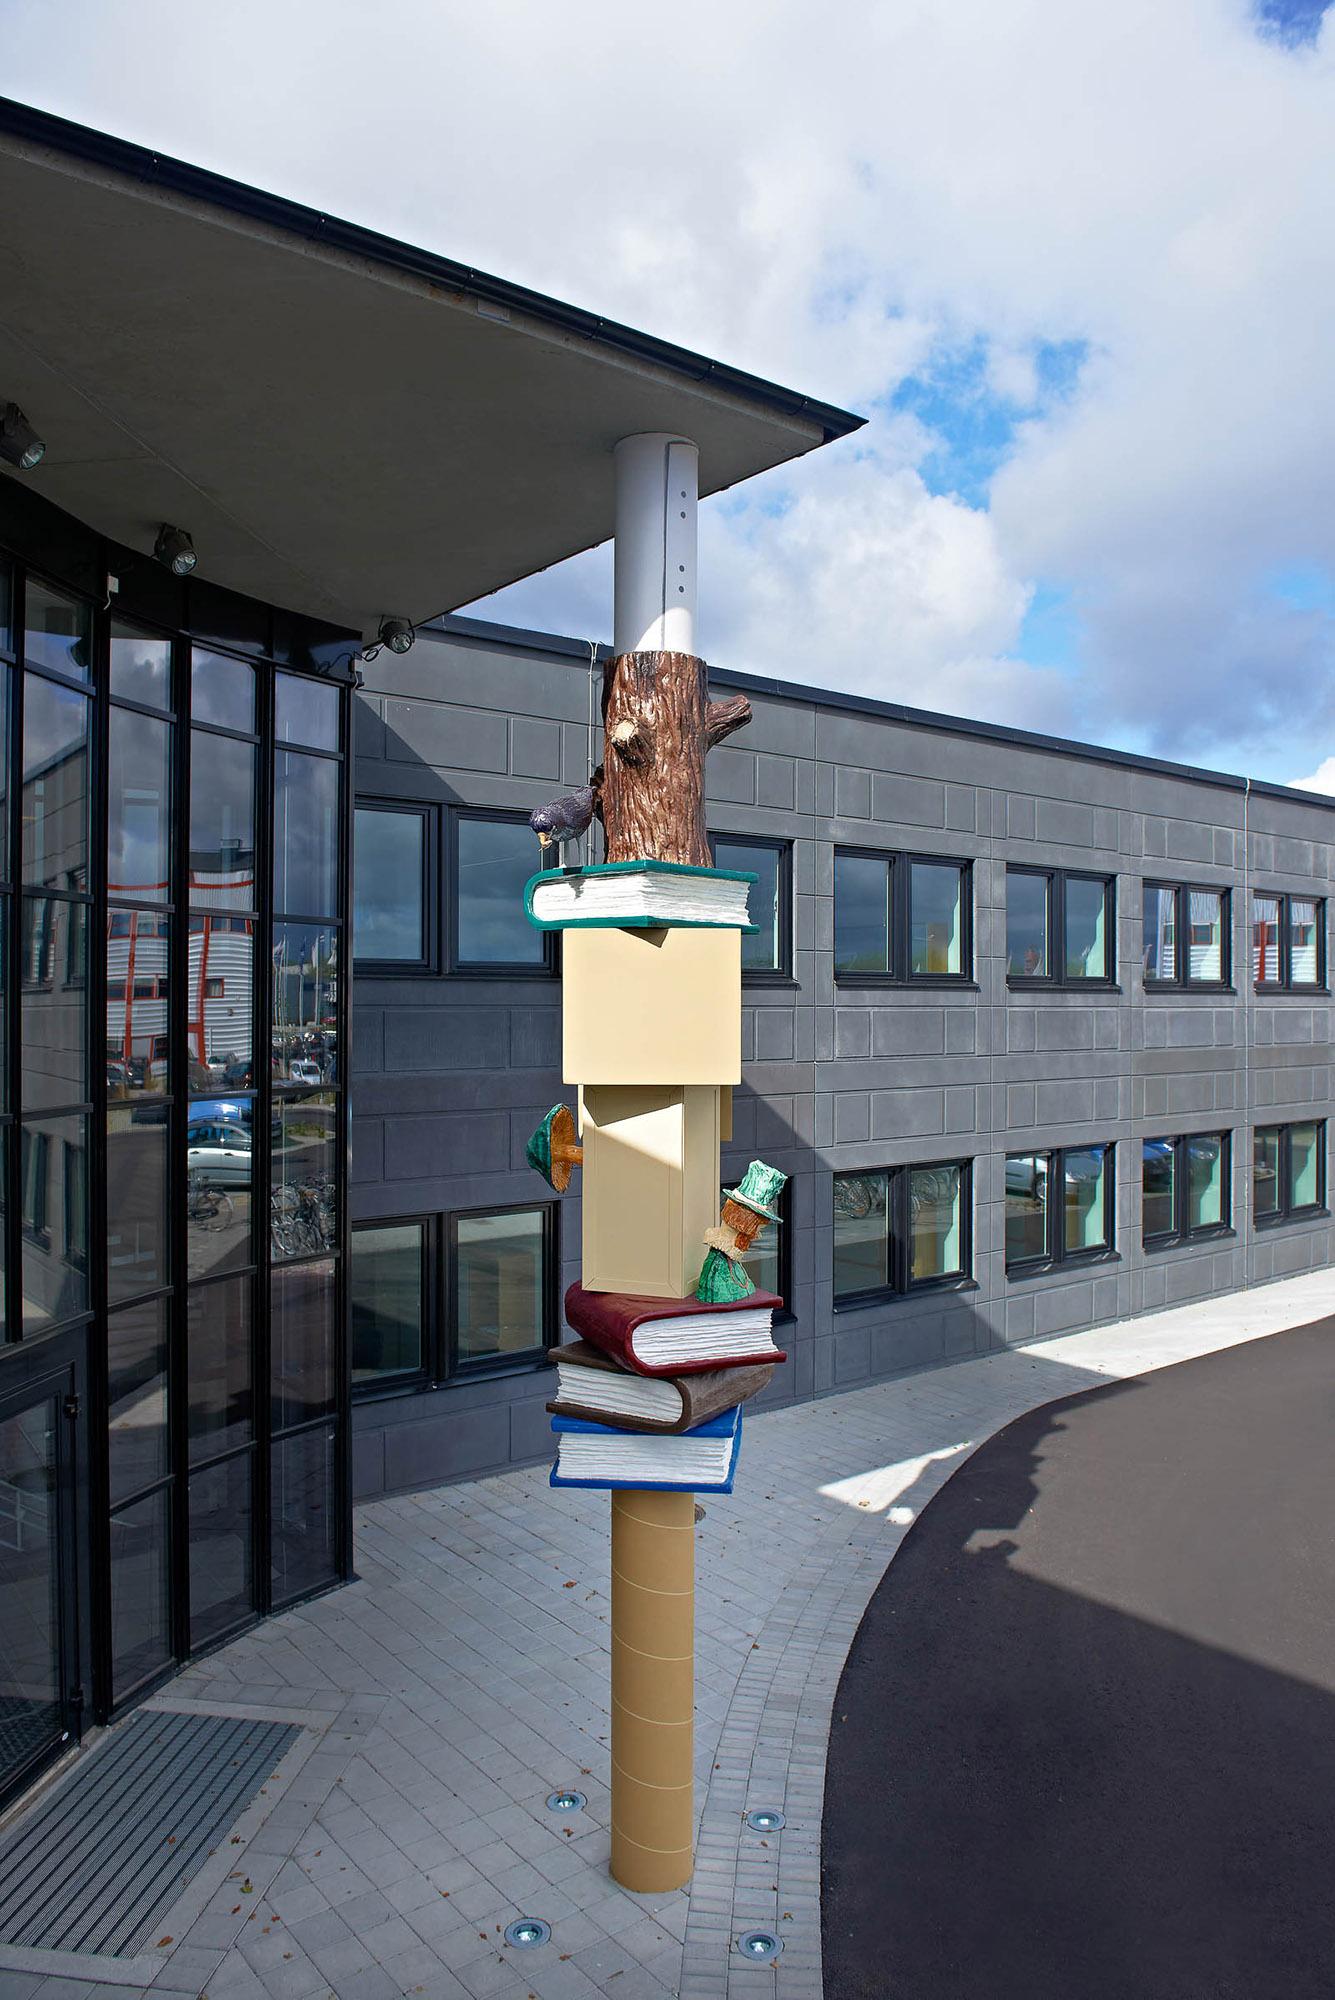 Skulptural pelare med färgglada böcker, kartonger och figurer gjutna i polyester. Daniel Jensen, Fundamentet (2012)